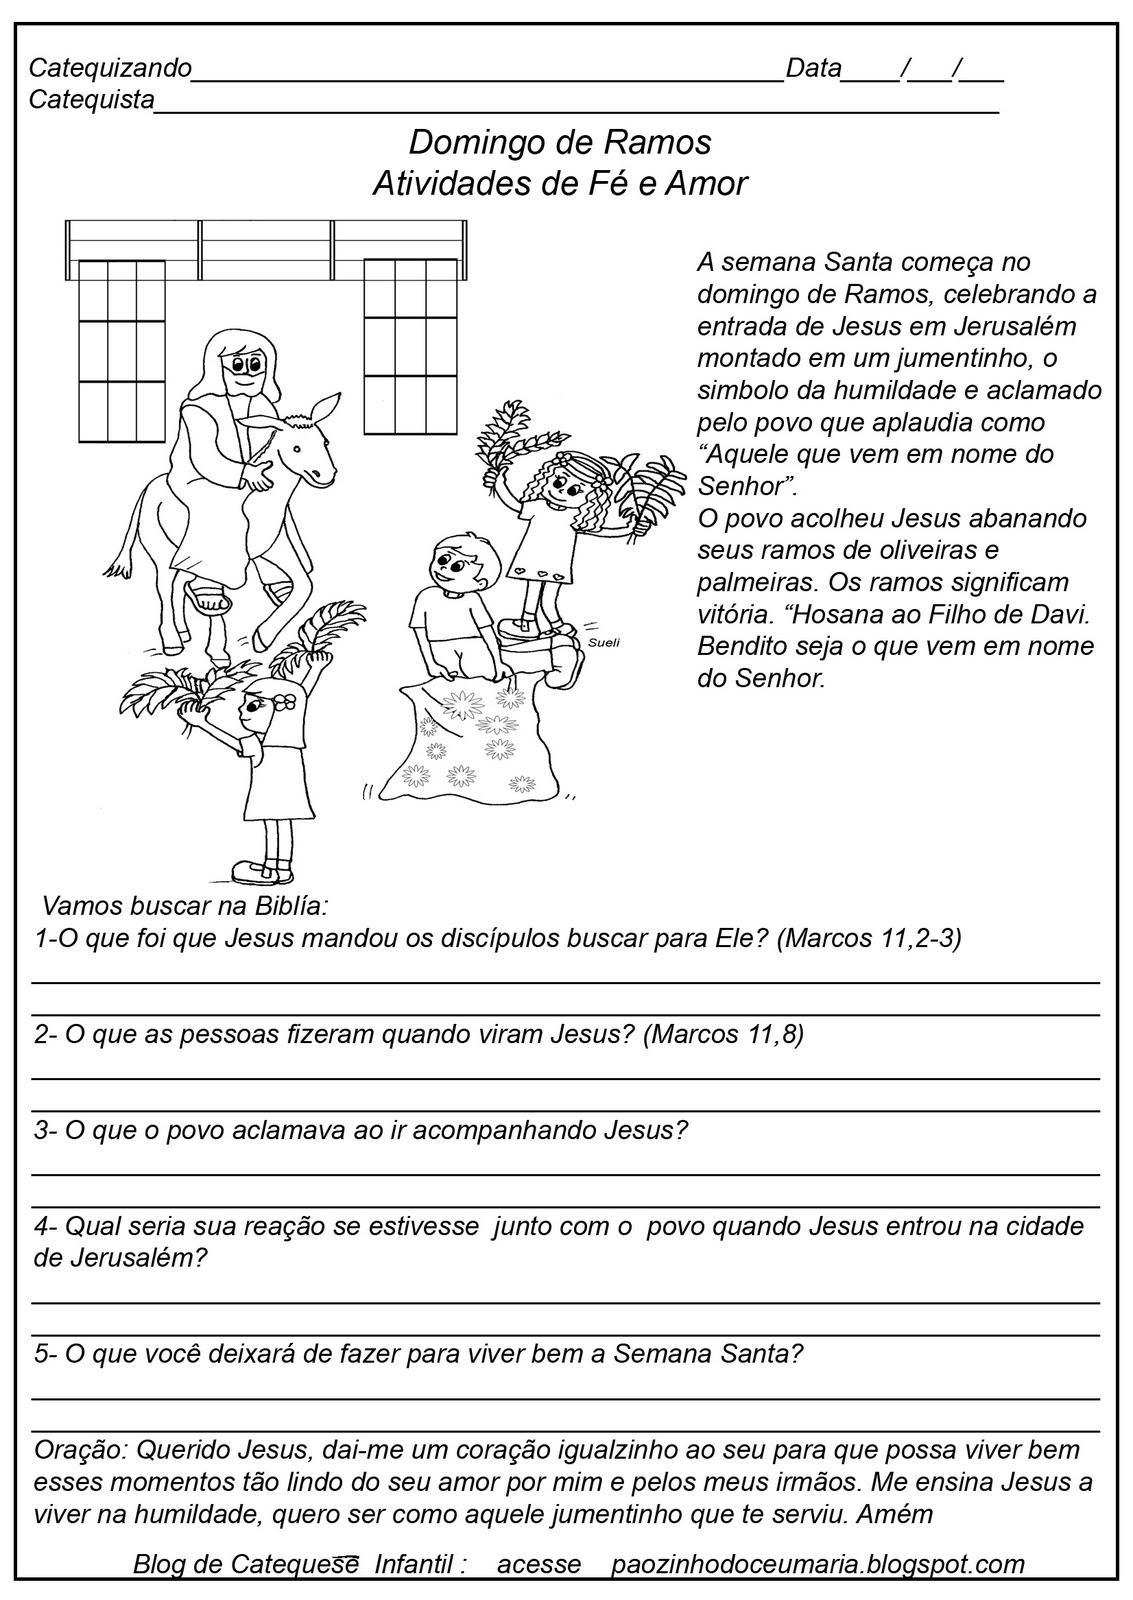 Muito Pãozinho do Céu: Domingo de Ramos - Atividades CATEQUESE ZI58